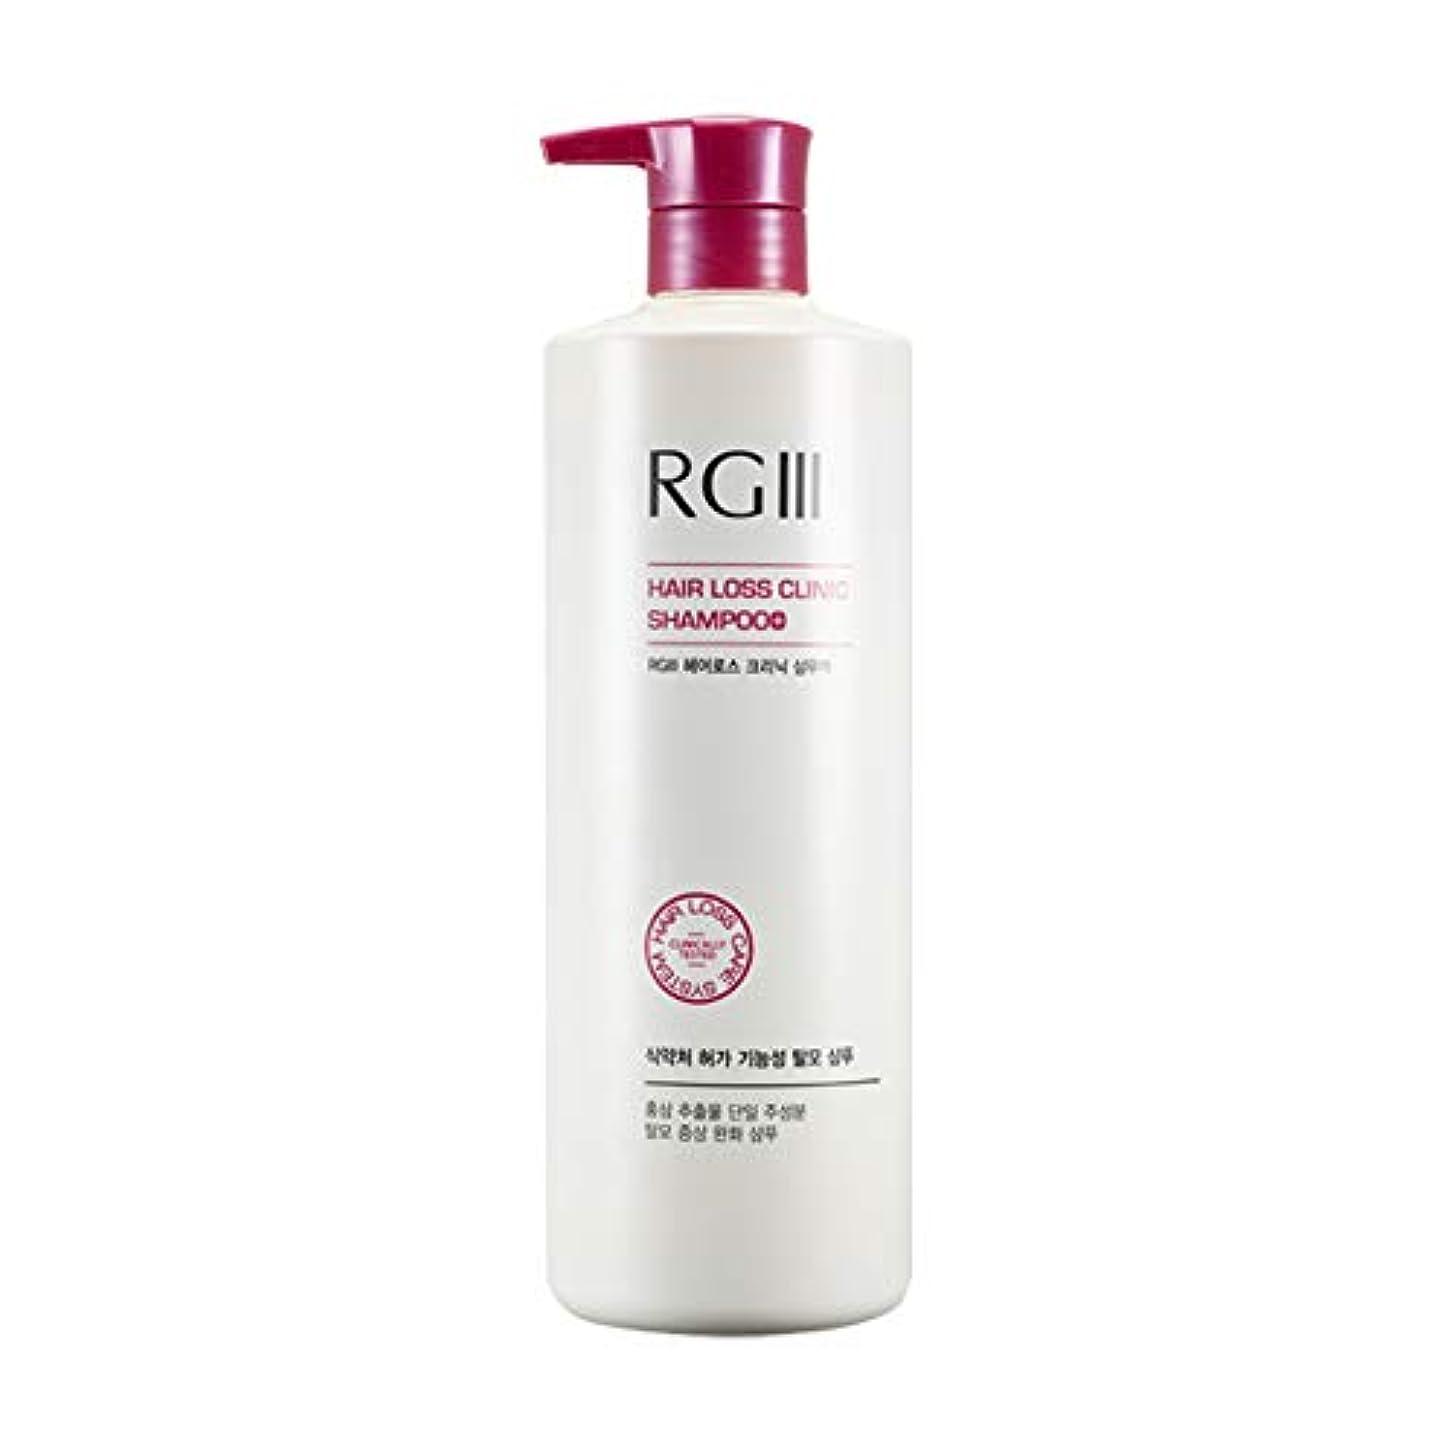 迷惑下るアスレチック[コスモコス]COSMOCOS RGスリーヘアロスクリニックシャンプー液 520ML 海外直送品 RGⅢ hair loss clinic shampoo [並行輸入品]